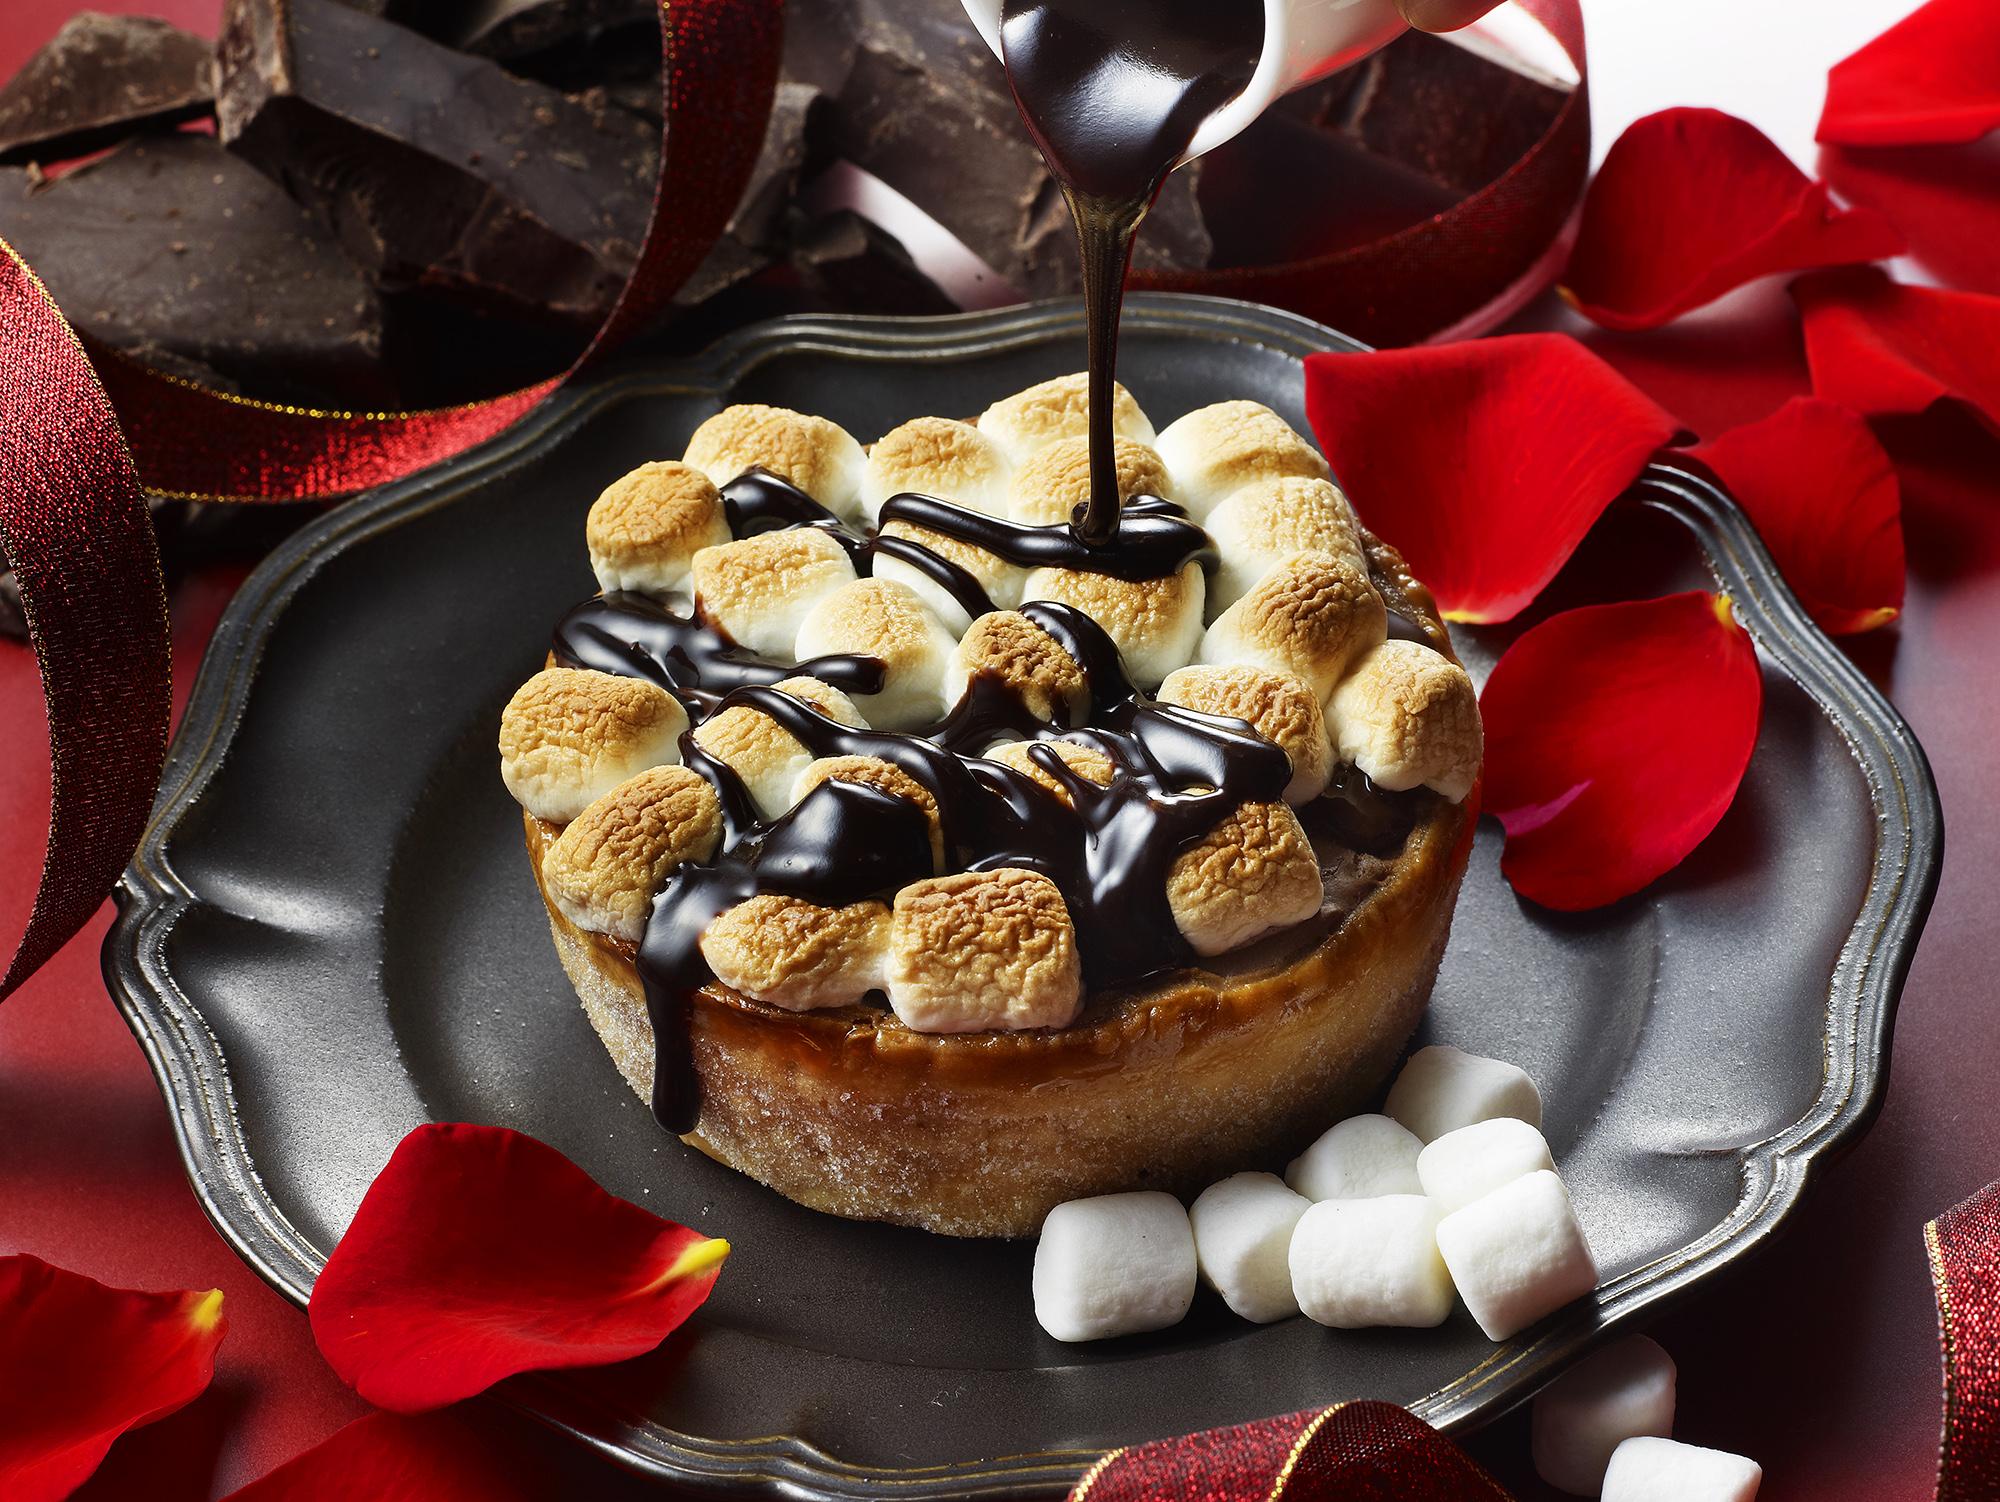 pablo_choco_marshmallow_minit_yoko_02_k